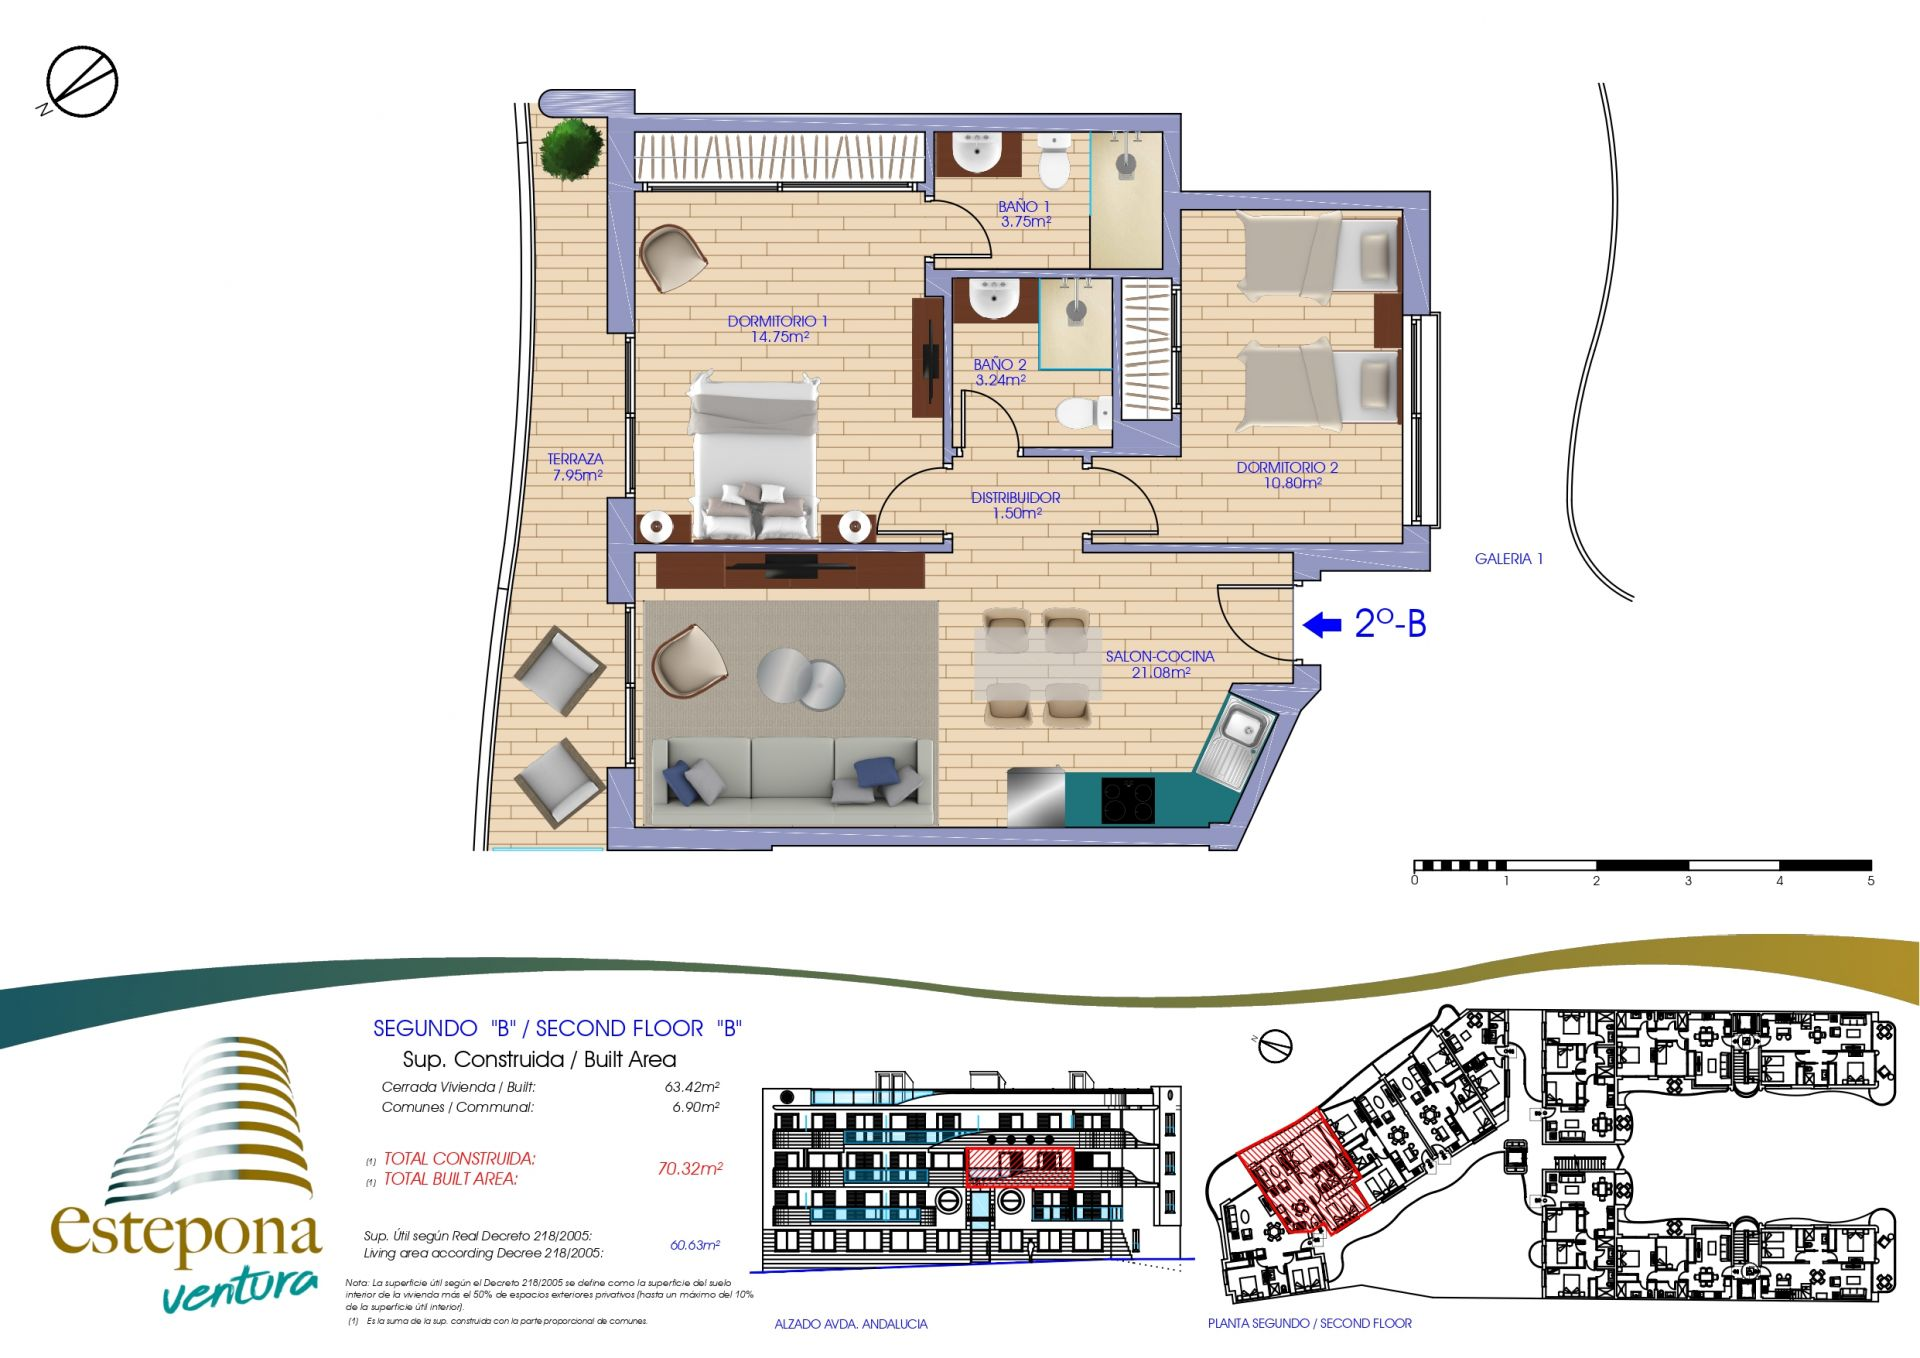 2b - Ventura Estepona | Compra de casa en Estepona